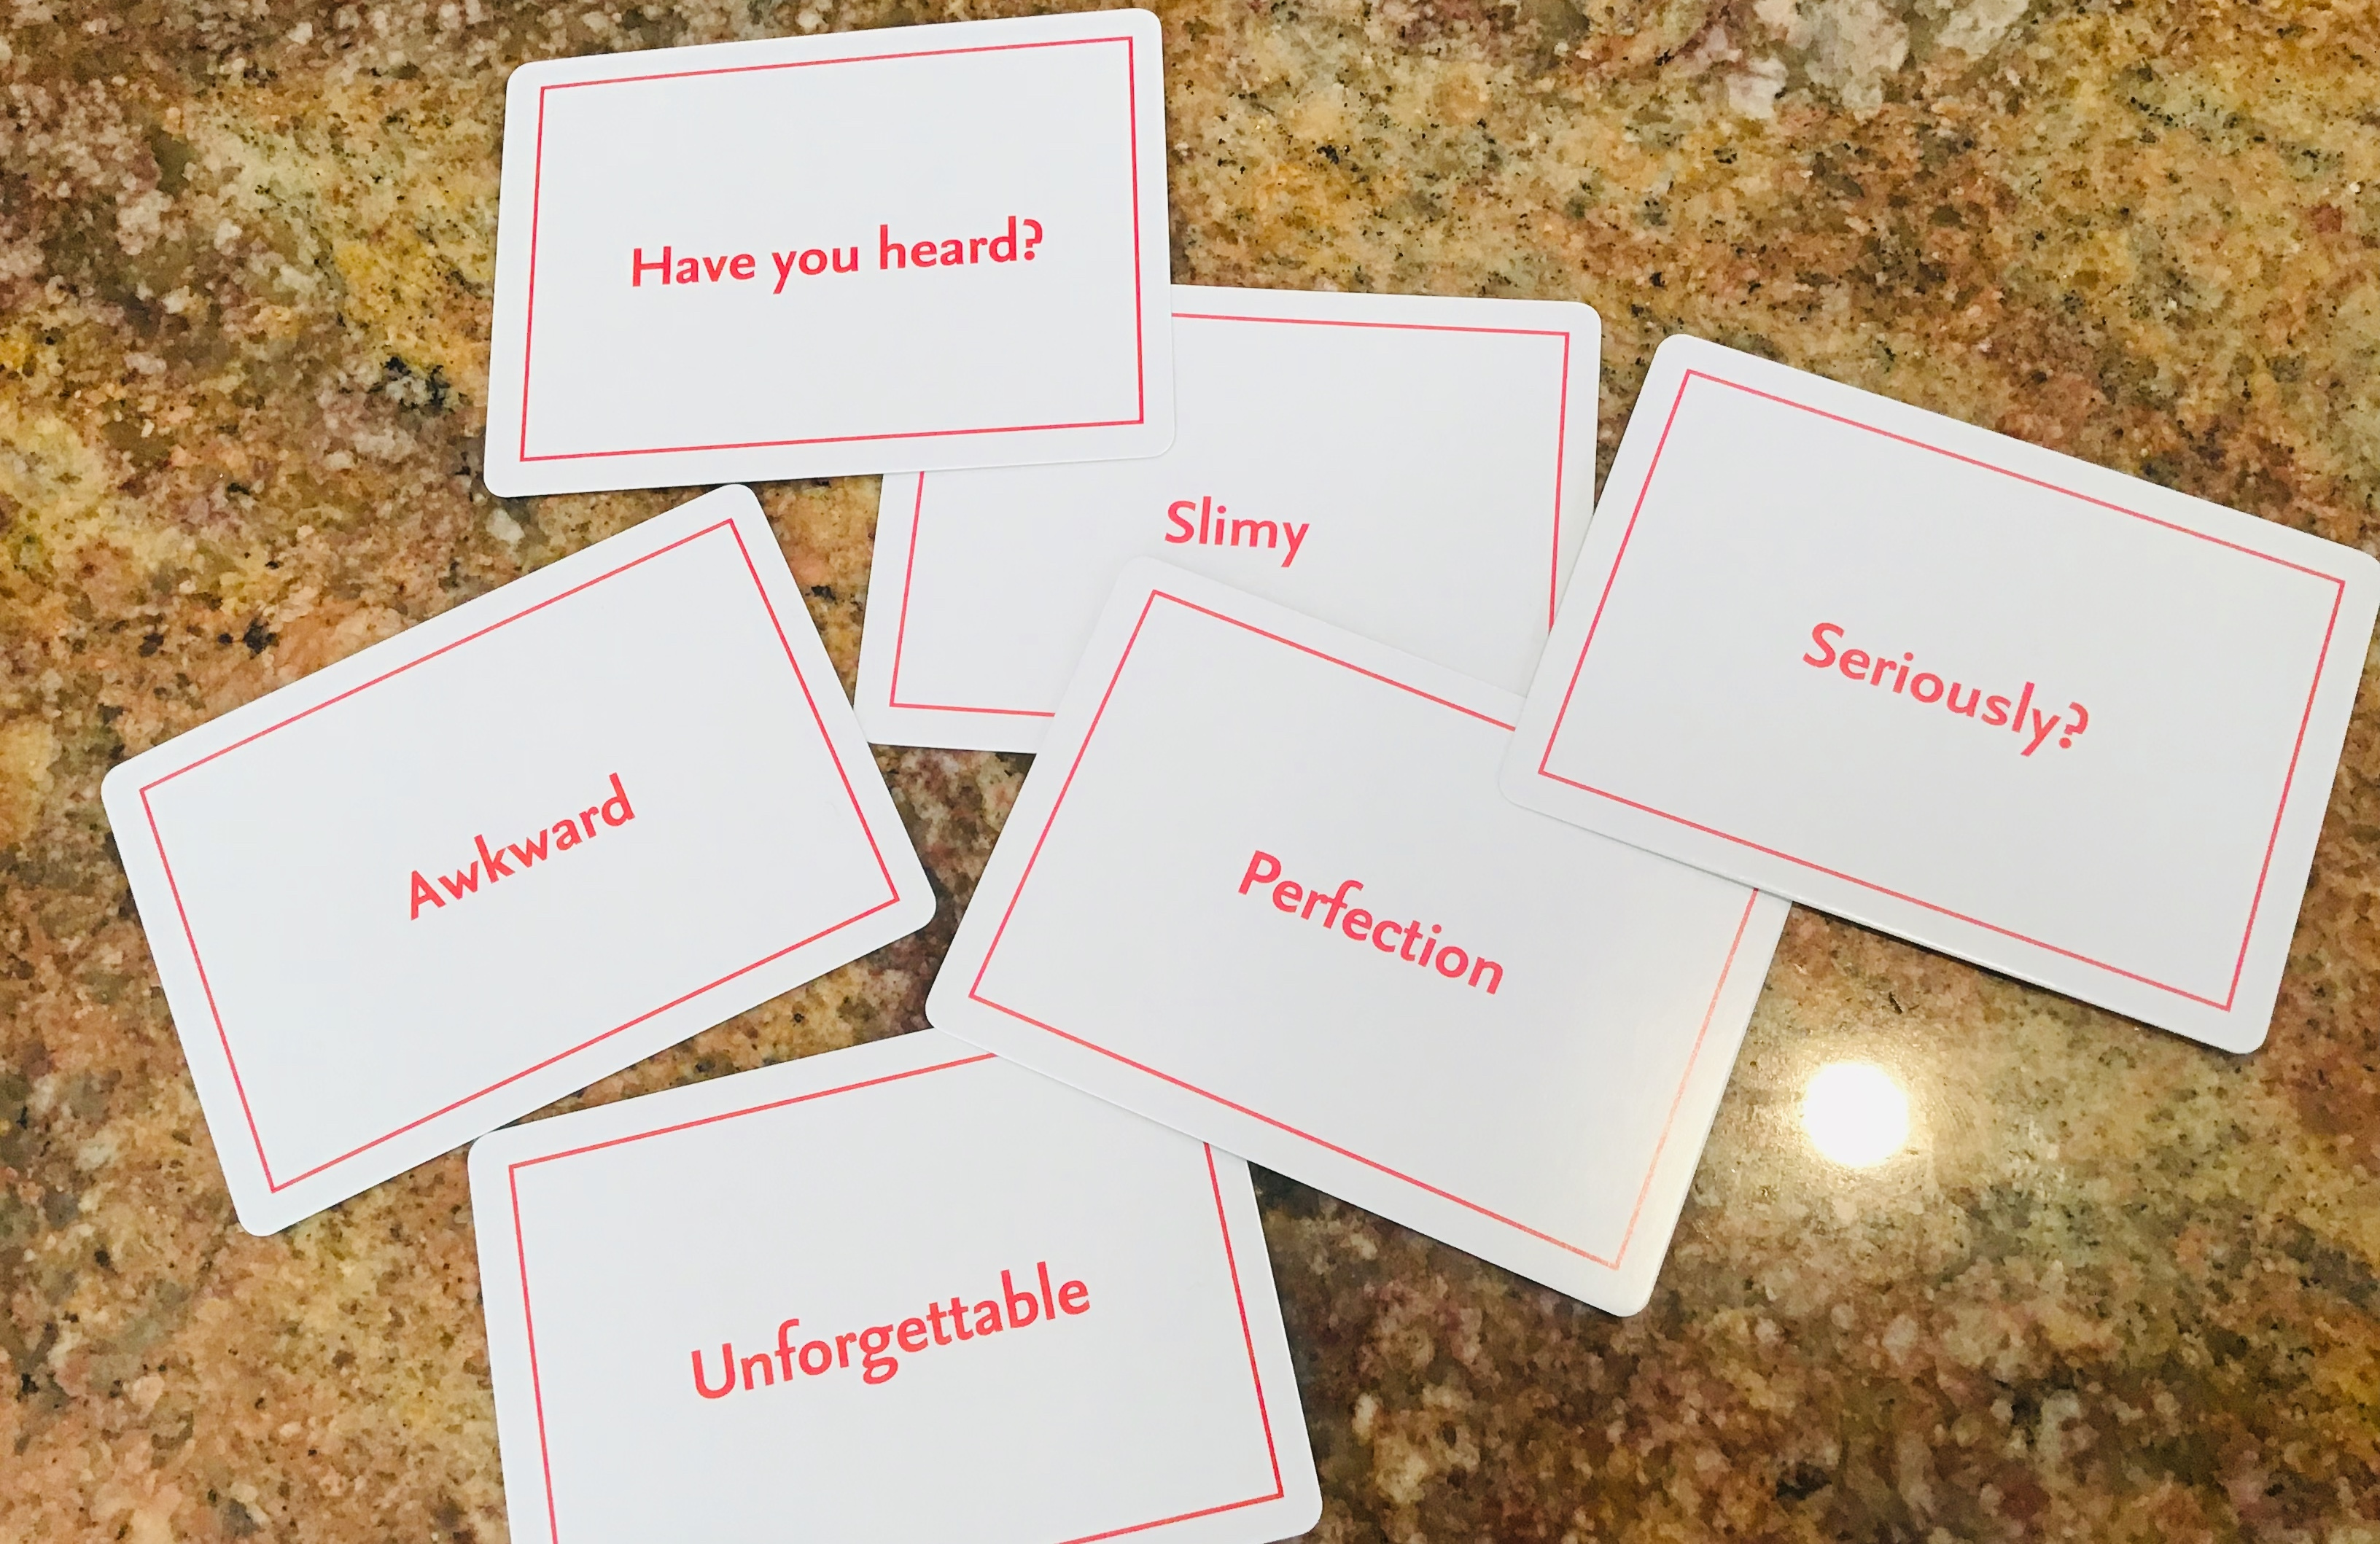 英語が書いてあるカード